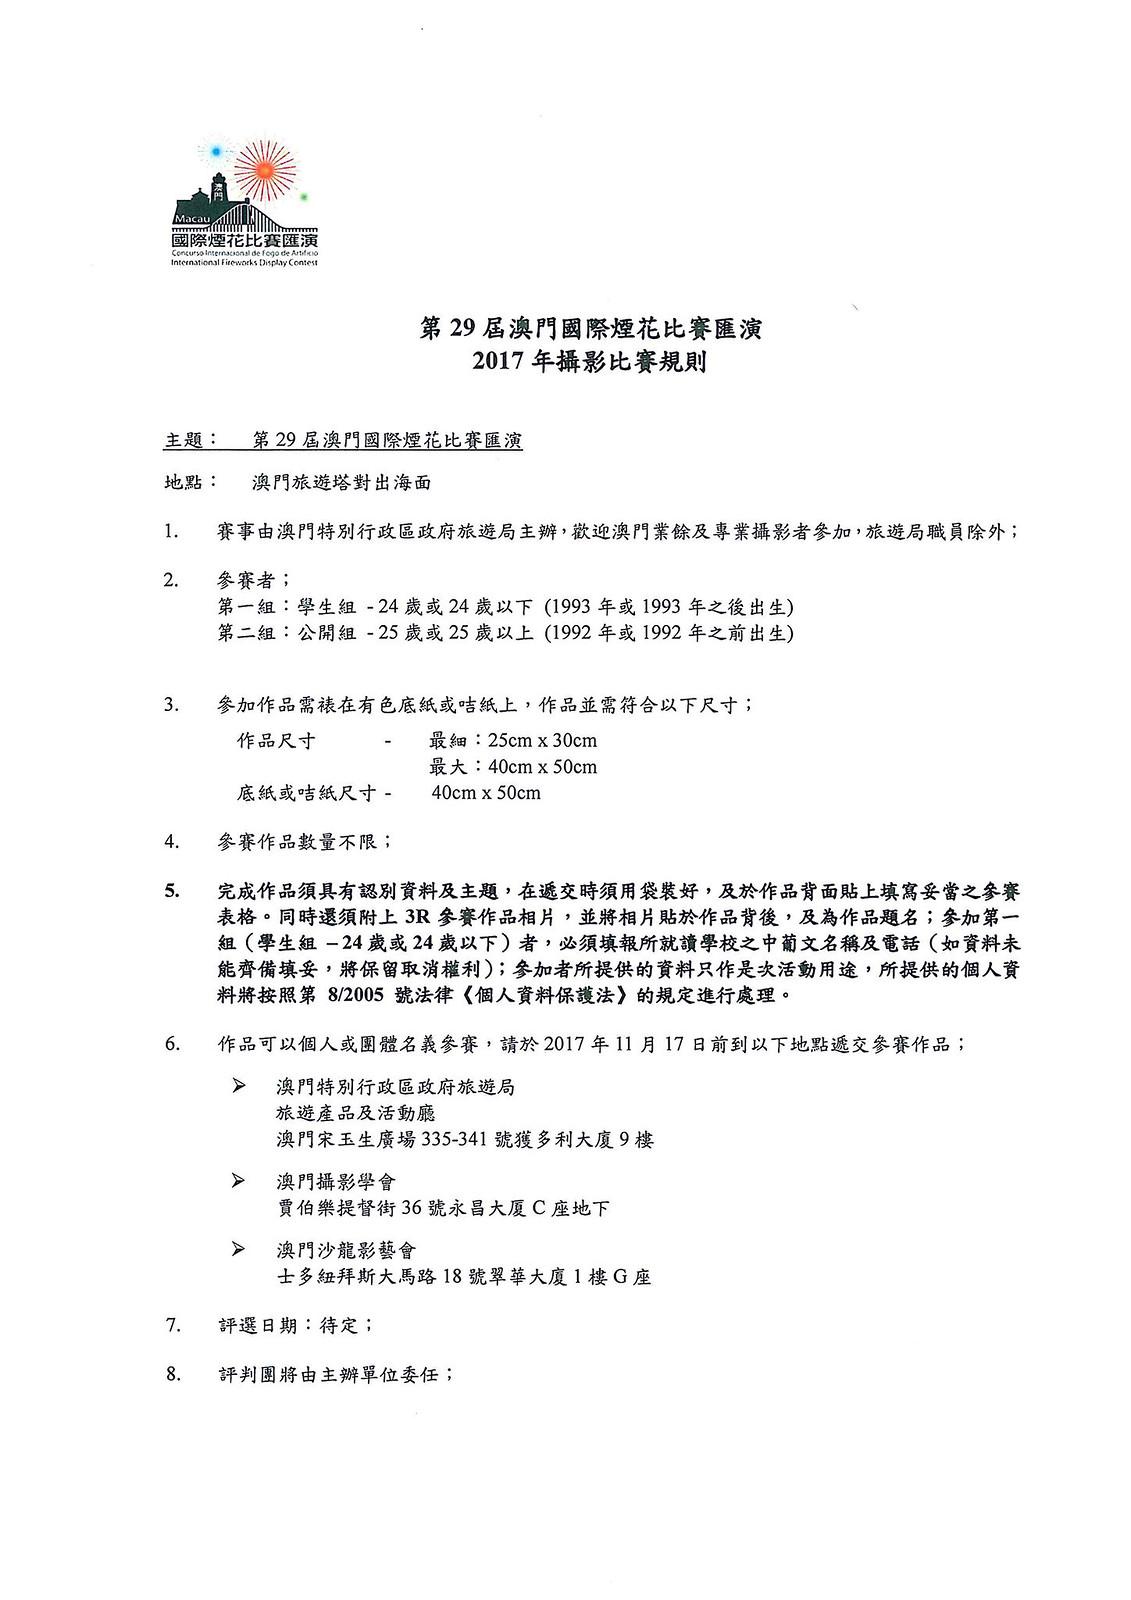 公函-29CIFAM攝影比賽_ 澳門攝影學會 - 規則中文-1